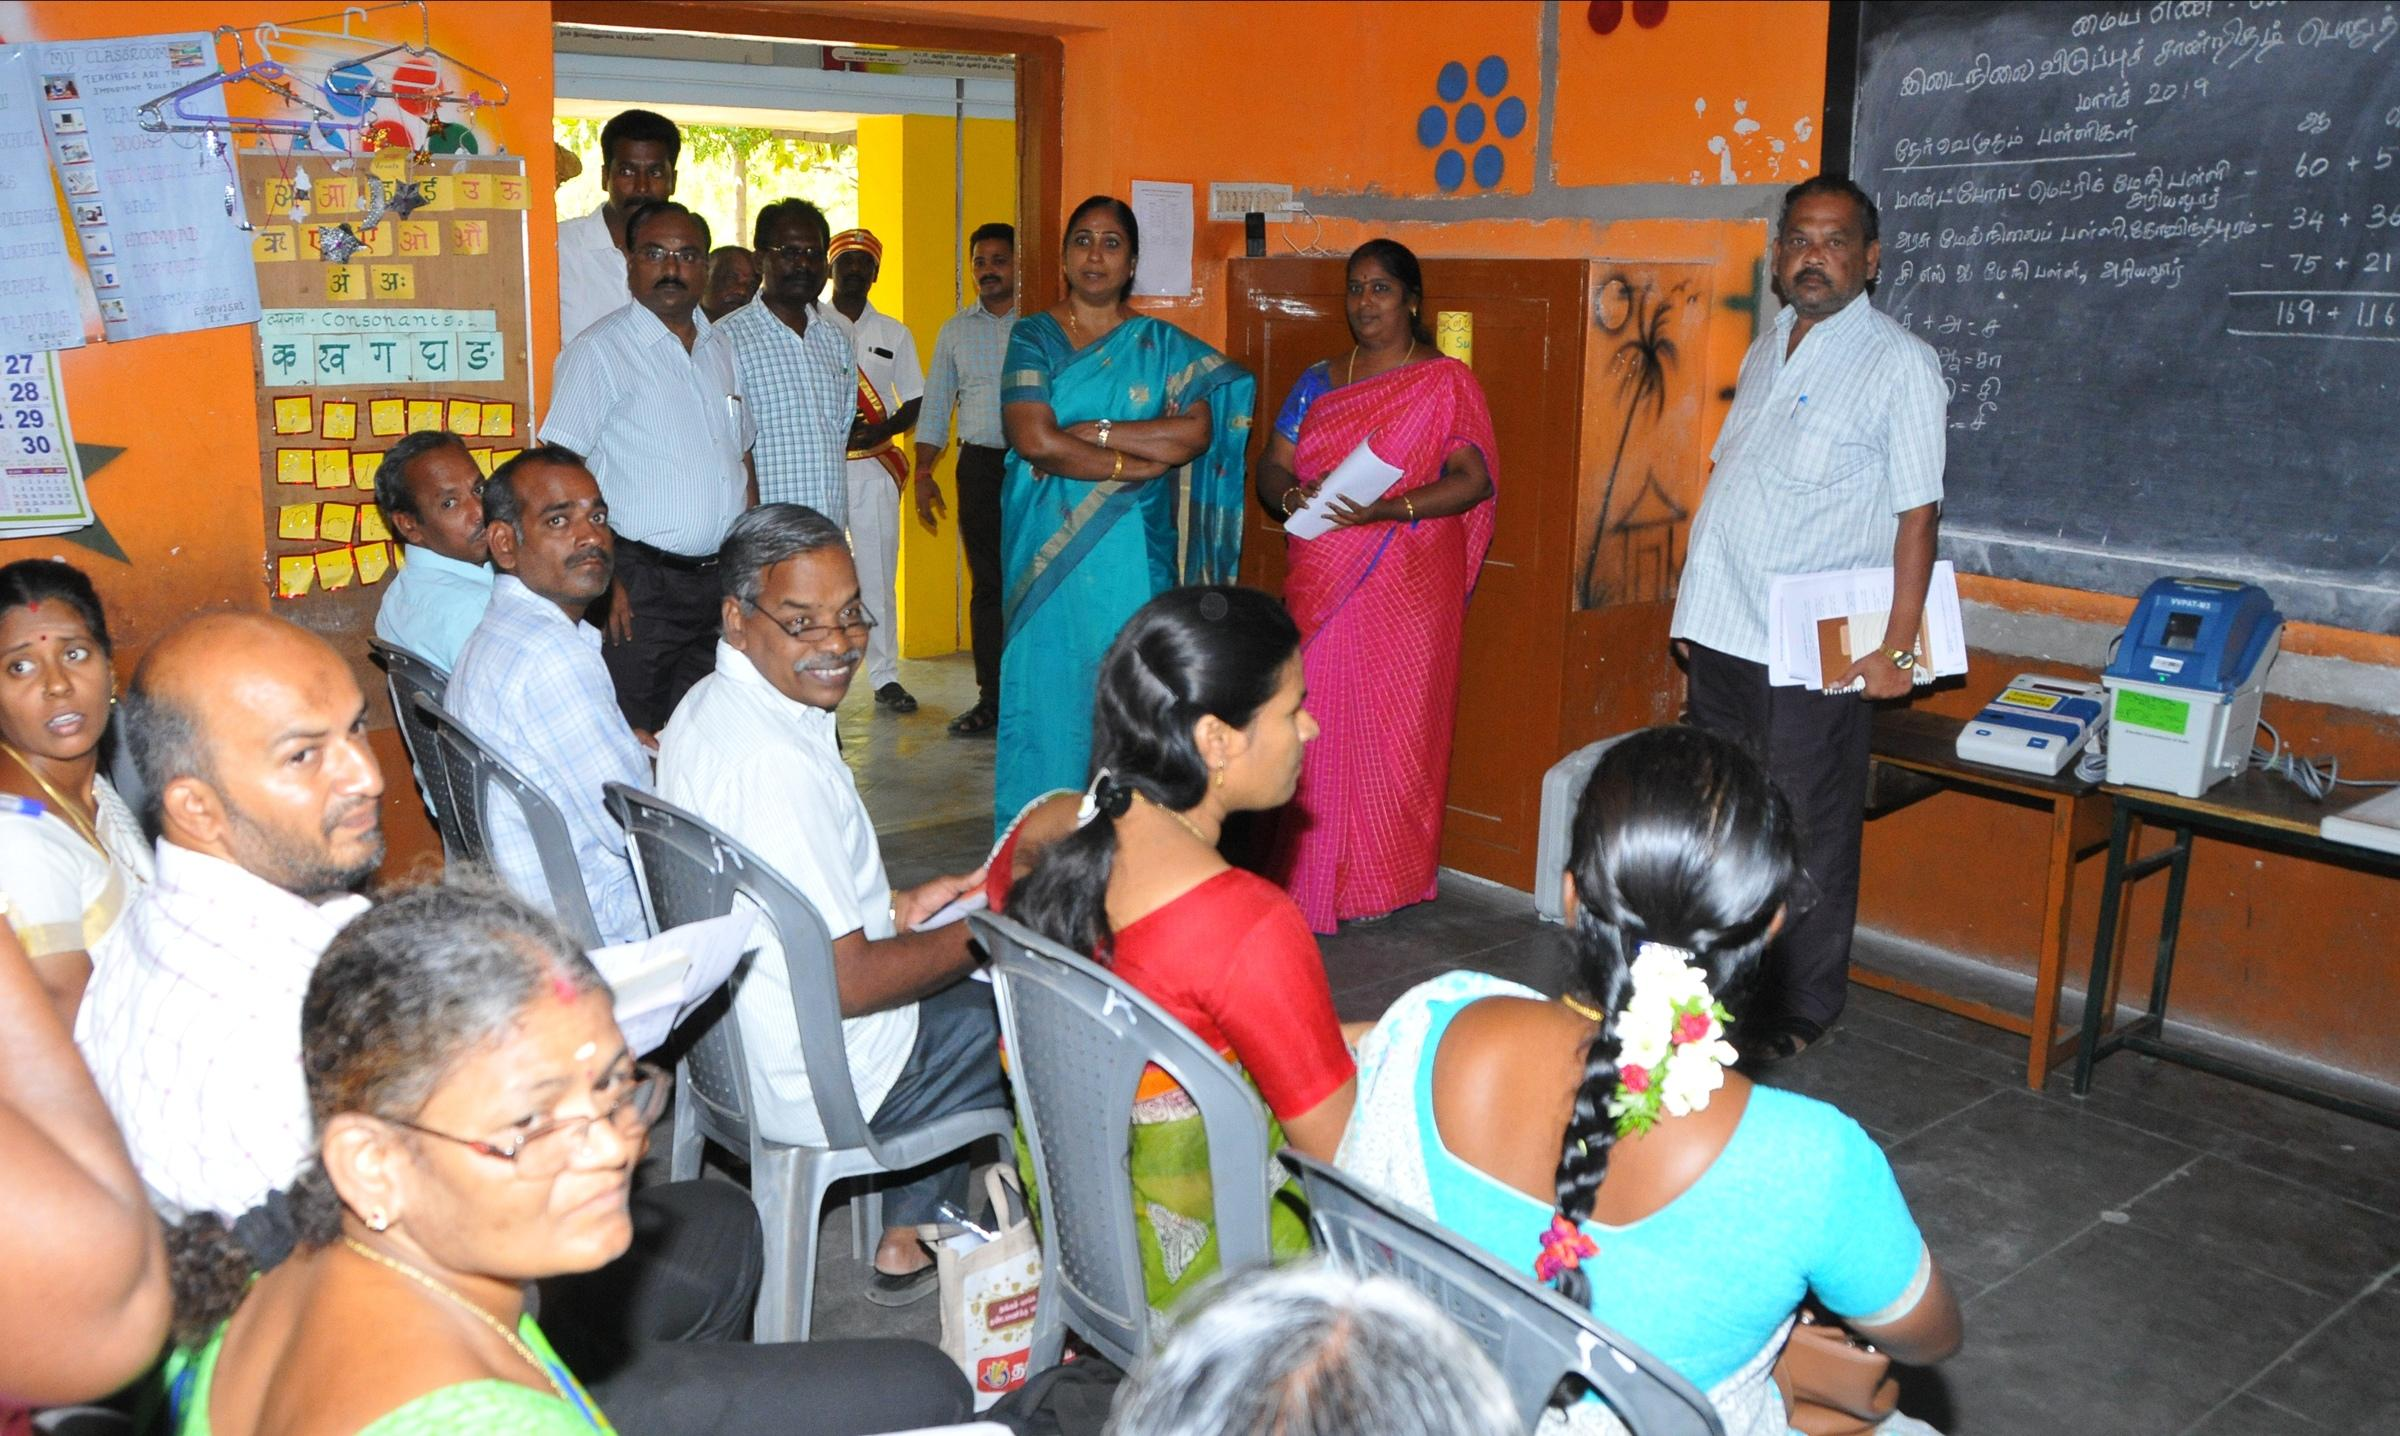 அரியலூர் மாவட்ட ஆட்சியருமான விஜயலட்சுமி பார்வையிடுகிறார்